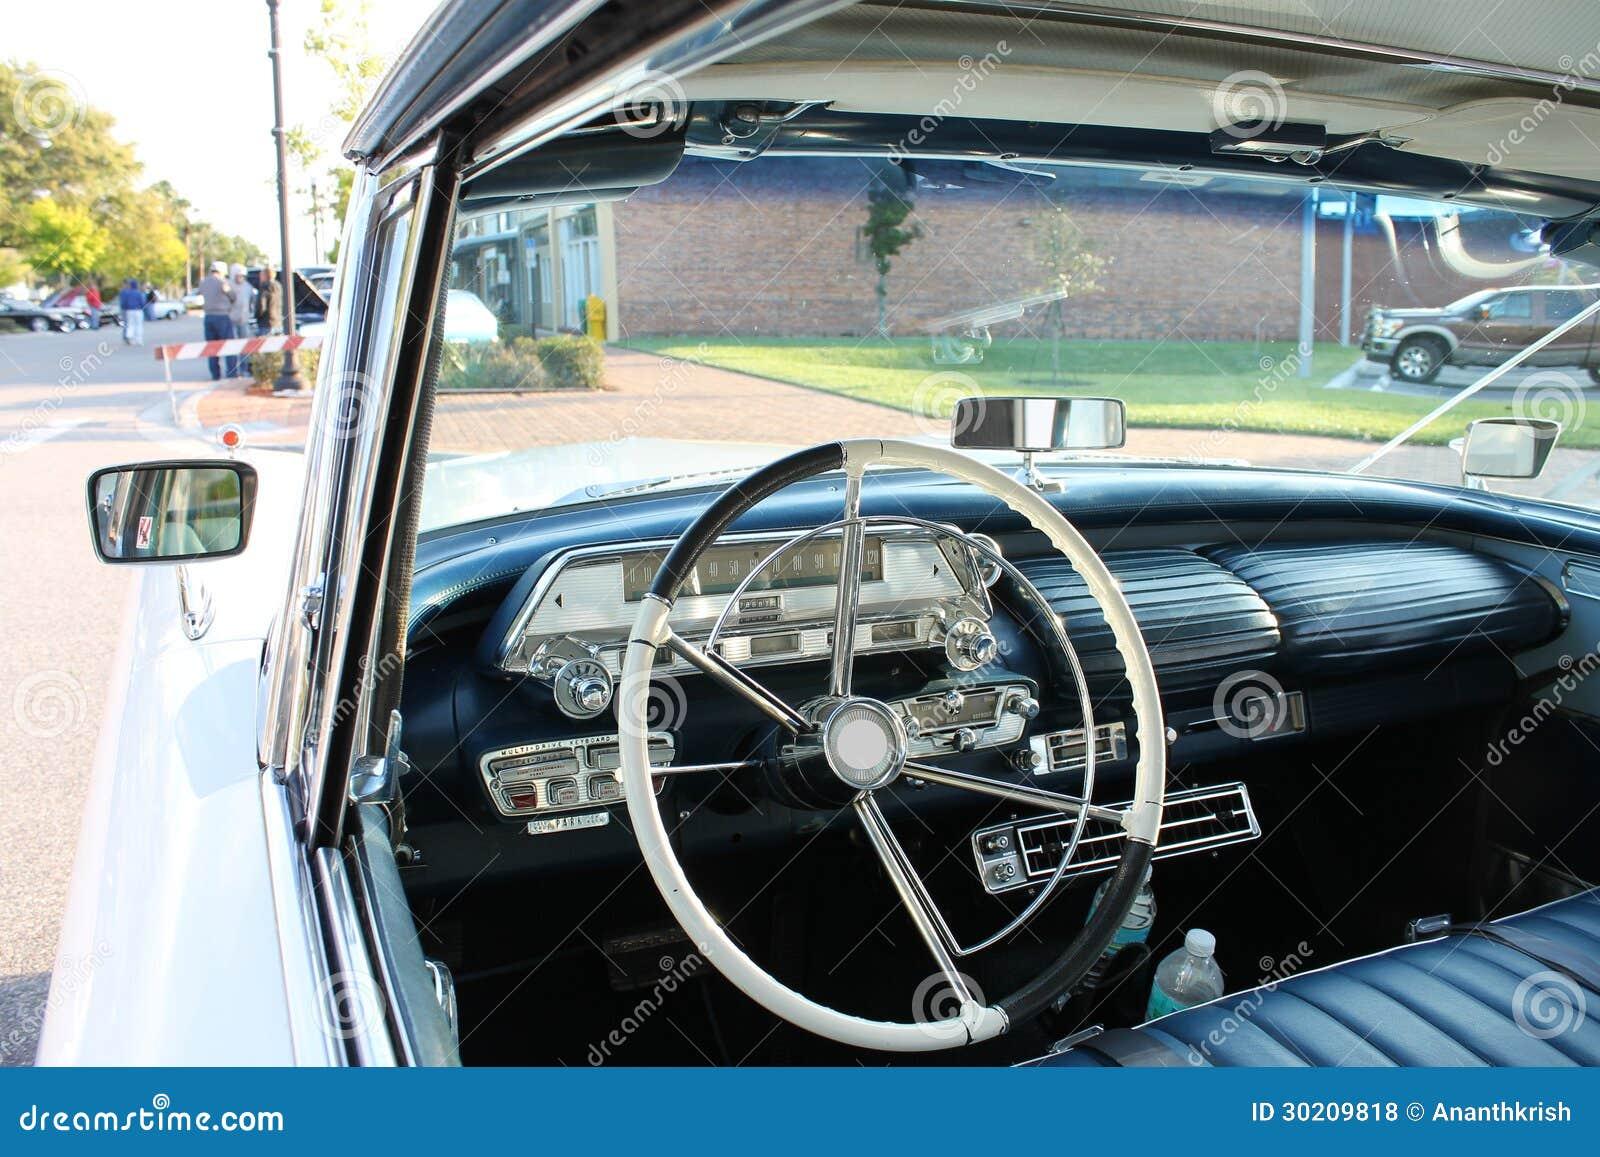 regard int rieur de vieille voiture de mercury photo stock image du valeur route 30209818. Black Bedroom Furniture Sets. Home Design Ideas